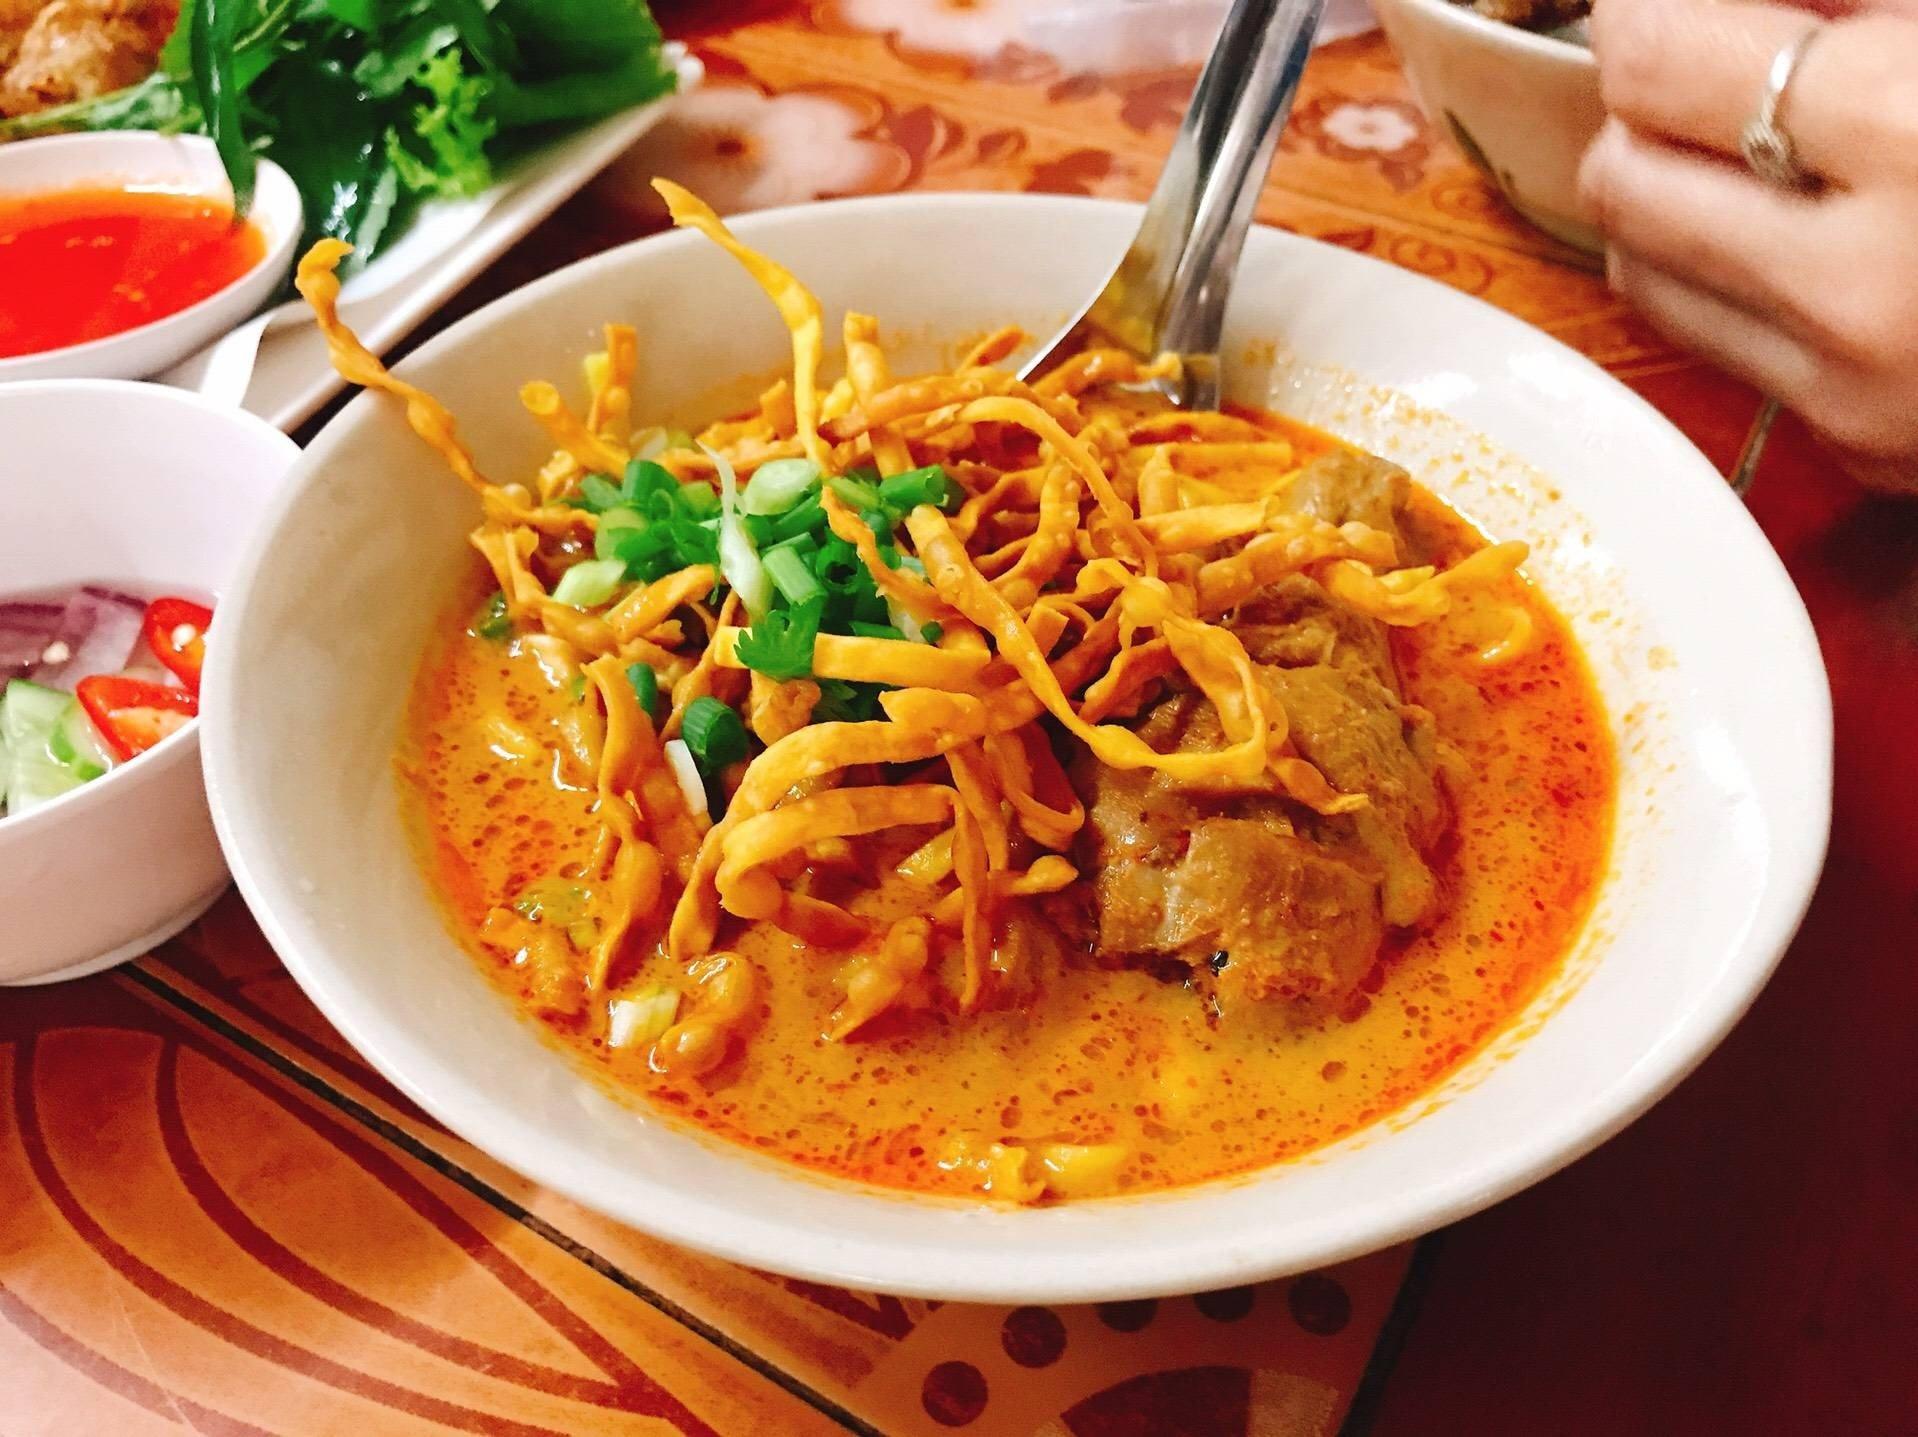 ร้าน ข้าวซอยวิจิตตรา สาขาวัดพระแก้ว-โรงพยาบาลโอเวอร์บรู๊คเชียงราย -  รีวิวร้านอาหาร - Wongnai